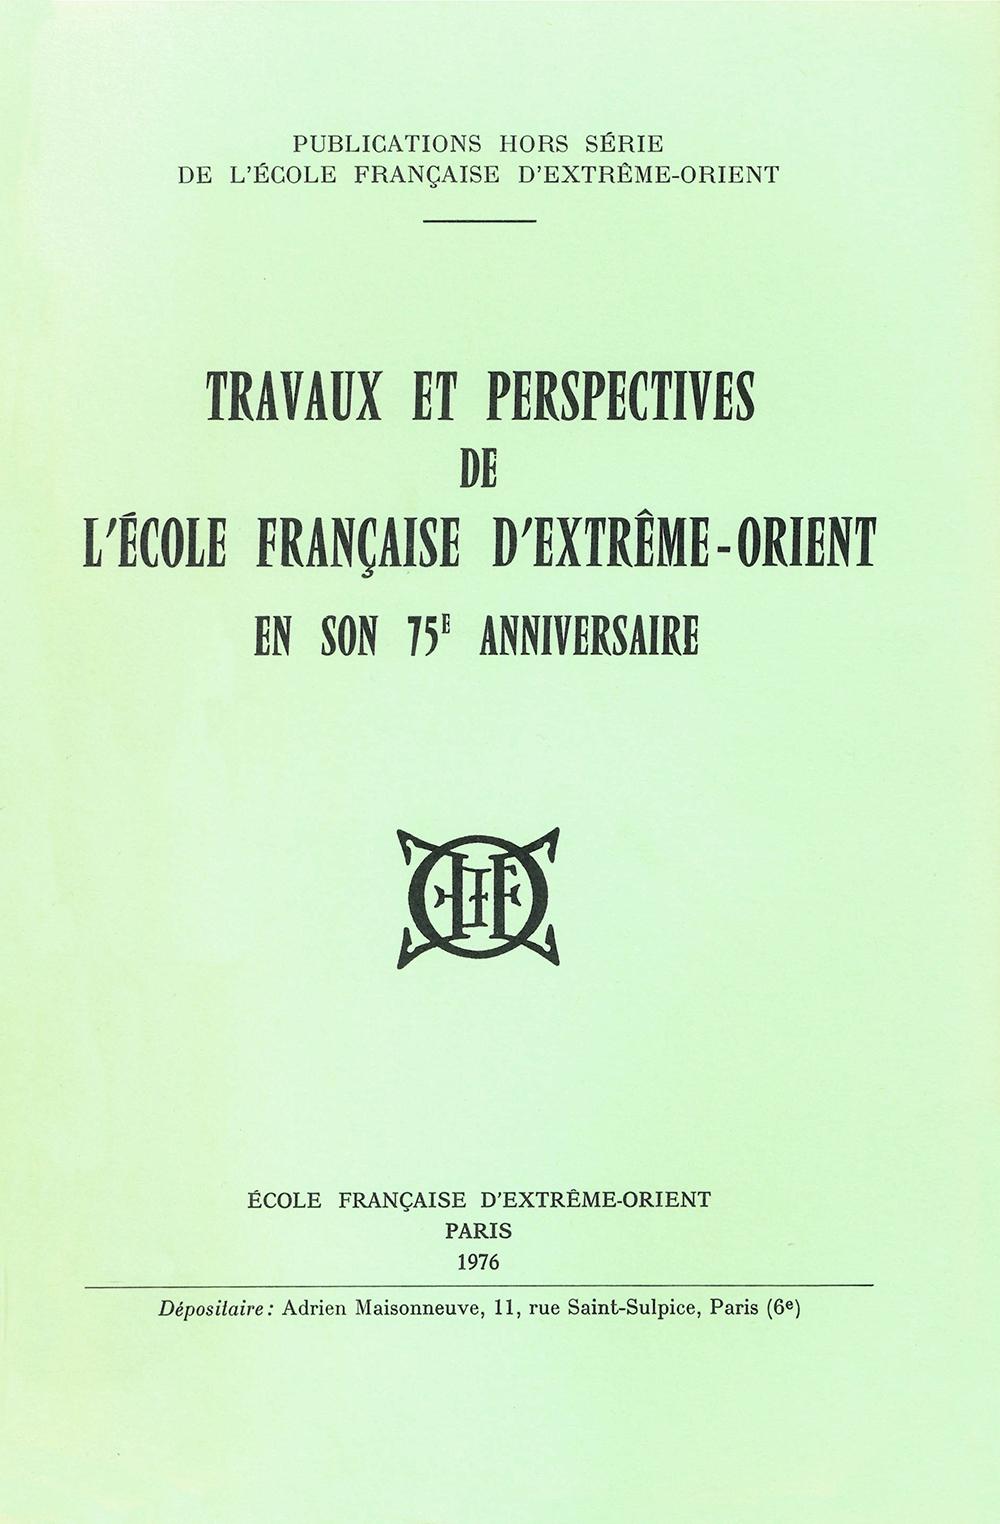 Travaux et perspectives de l'École française d'Extrême-Orient en son 75e anniversaire